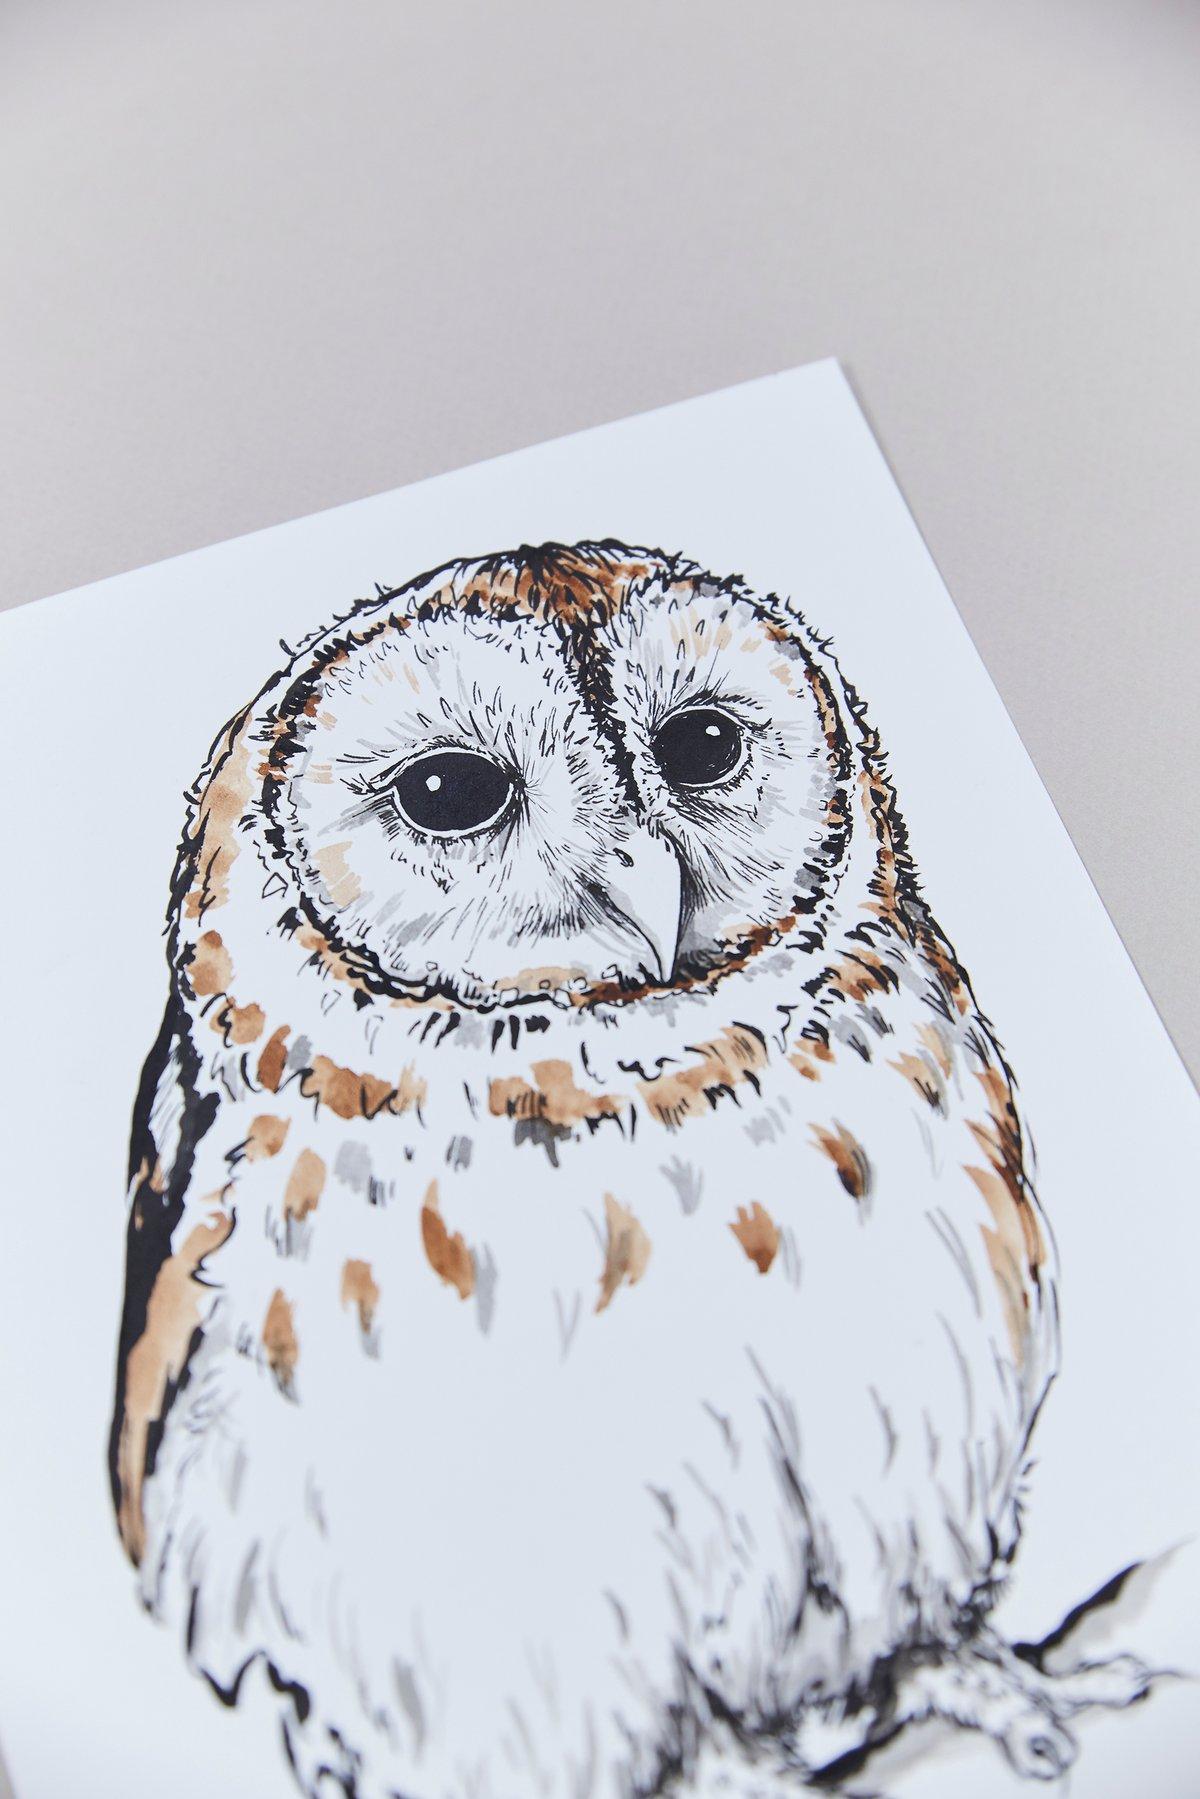 British Birds – Tawny Owl